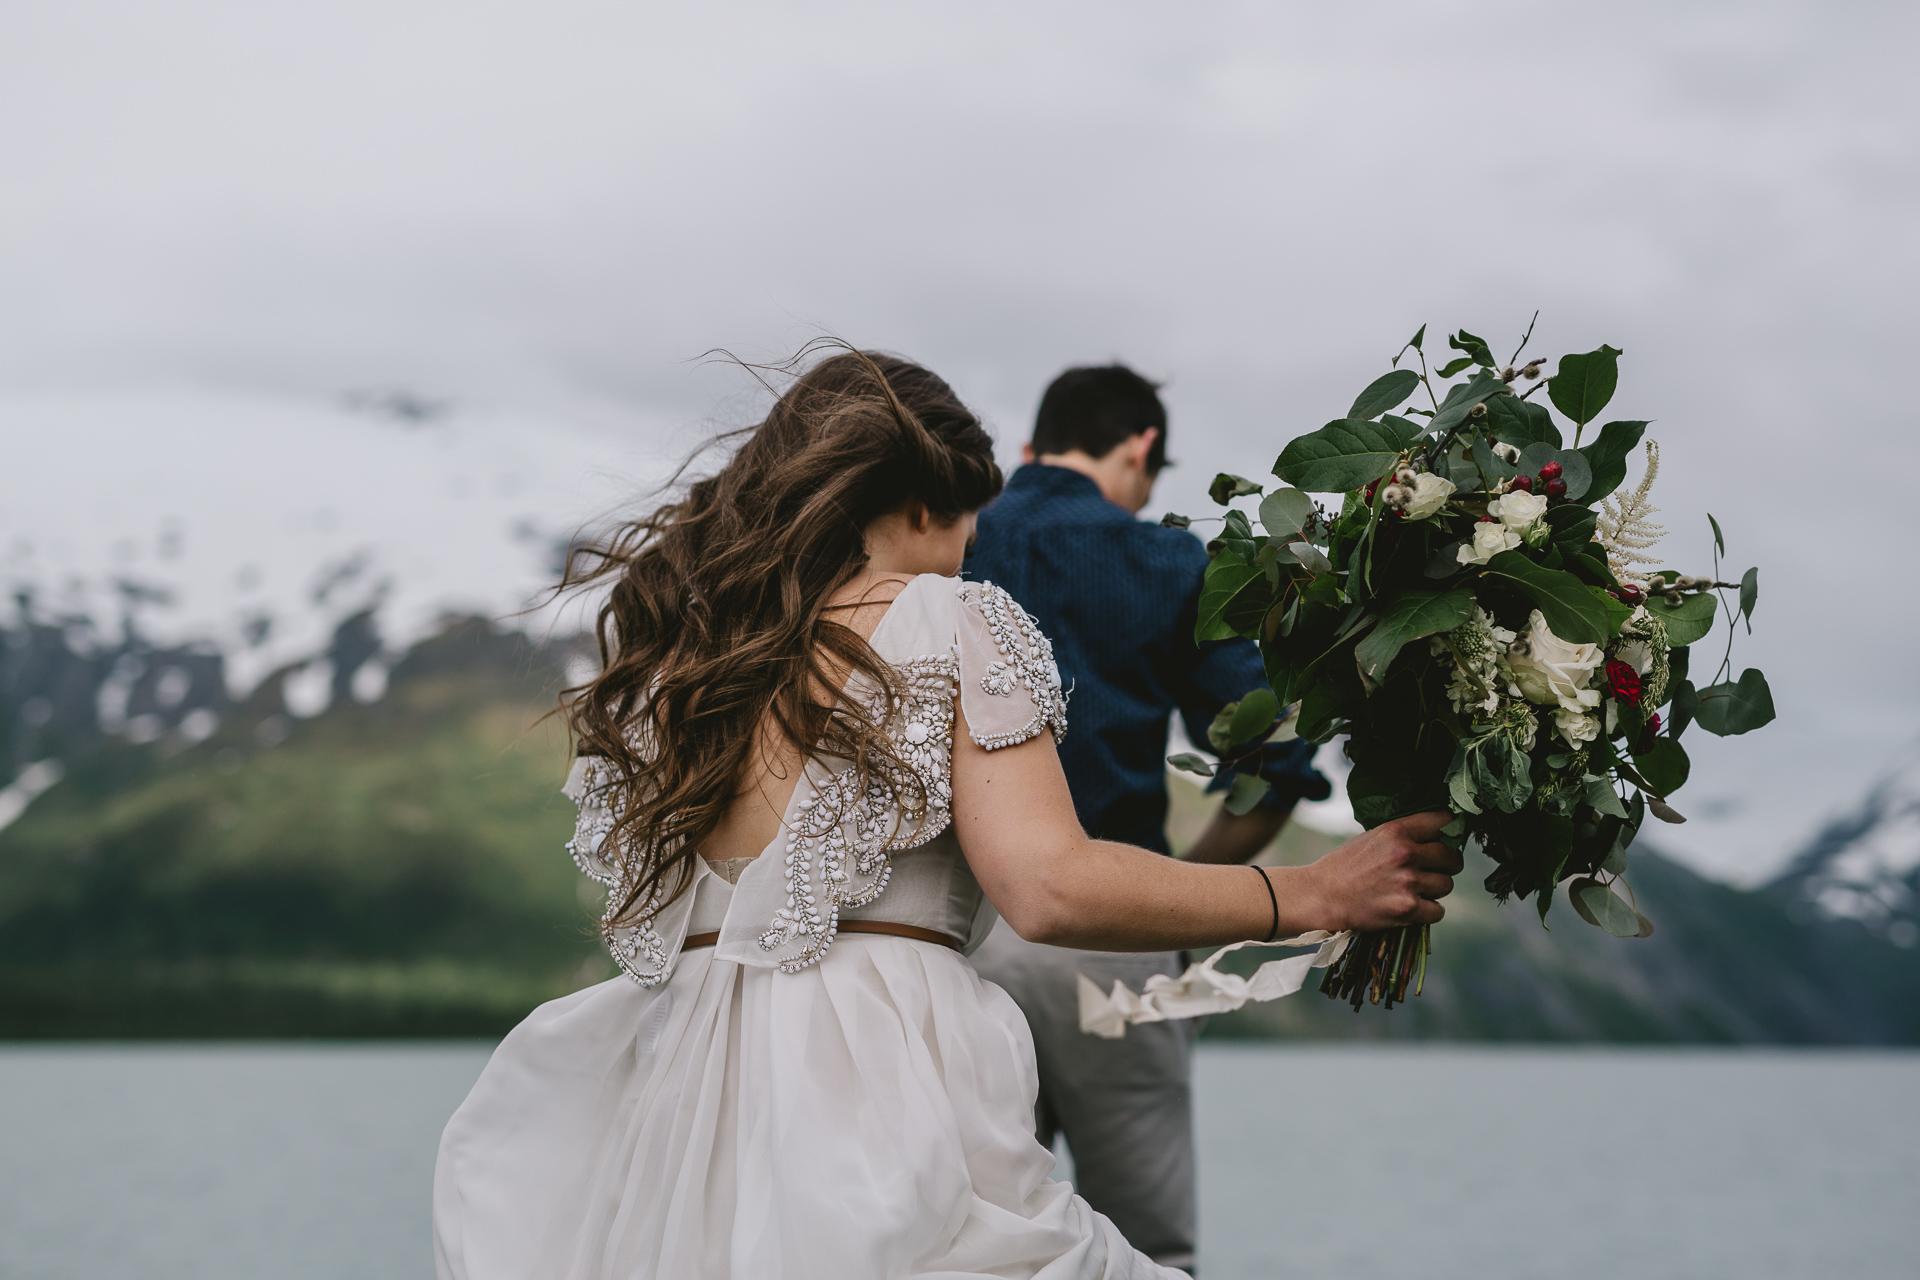 jess-hunter-photographer-alaska-destination-elopement-5818.jpg